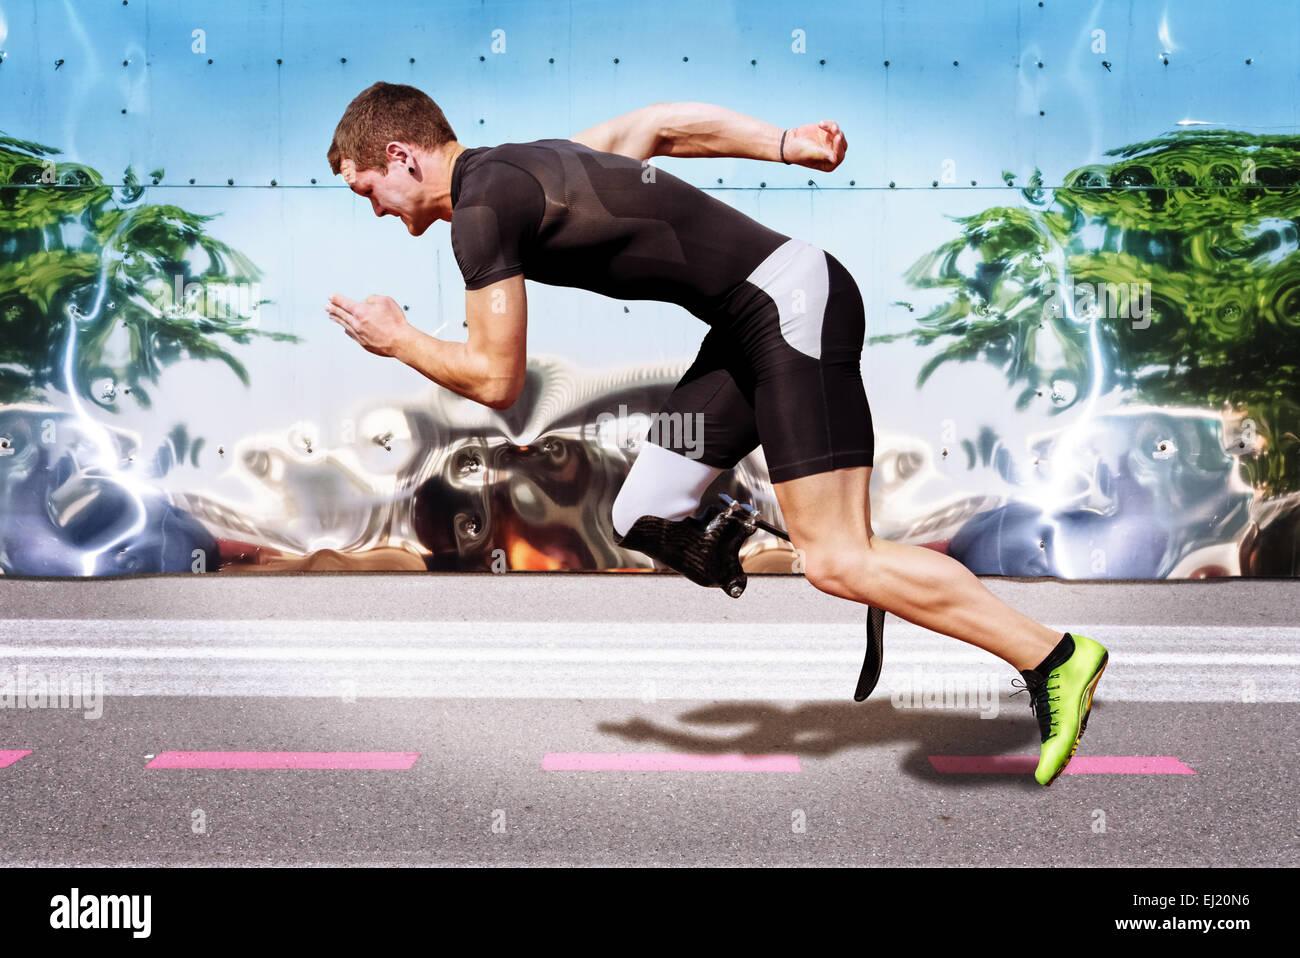 Sprint explosivo de atleta masculino en la superficie de la carretera con fuertes antecedentes de metal reflectante. Imagen De Stock